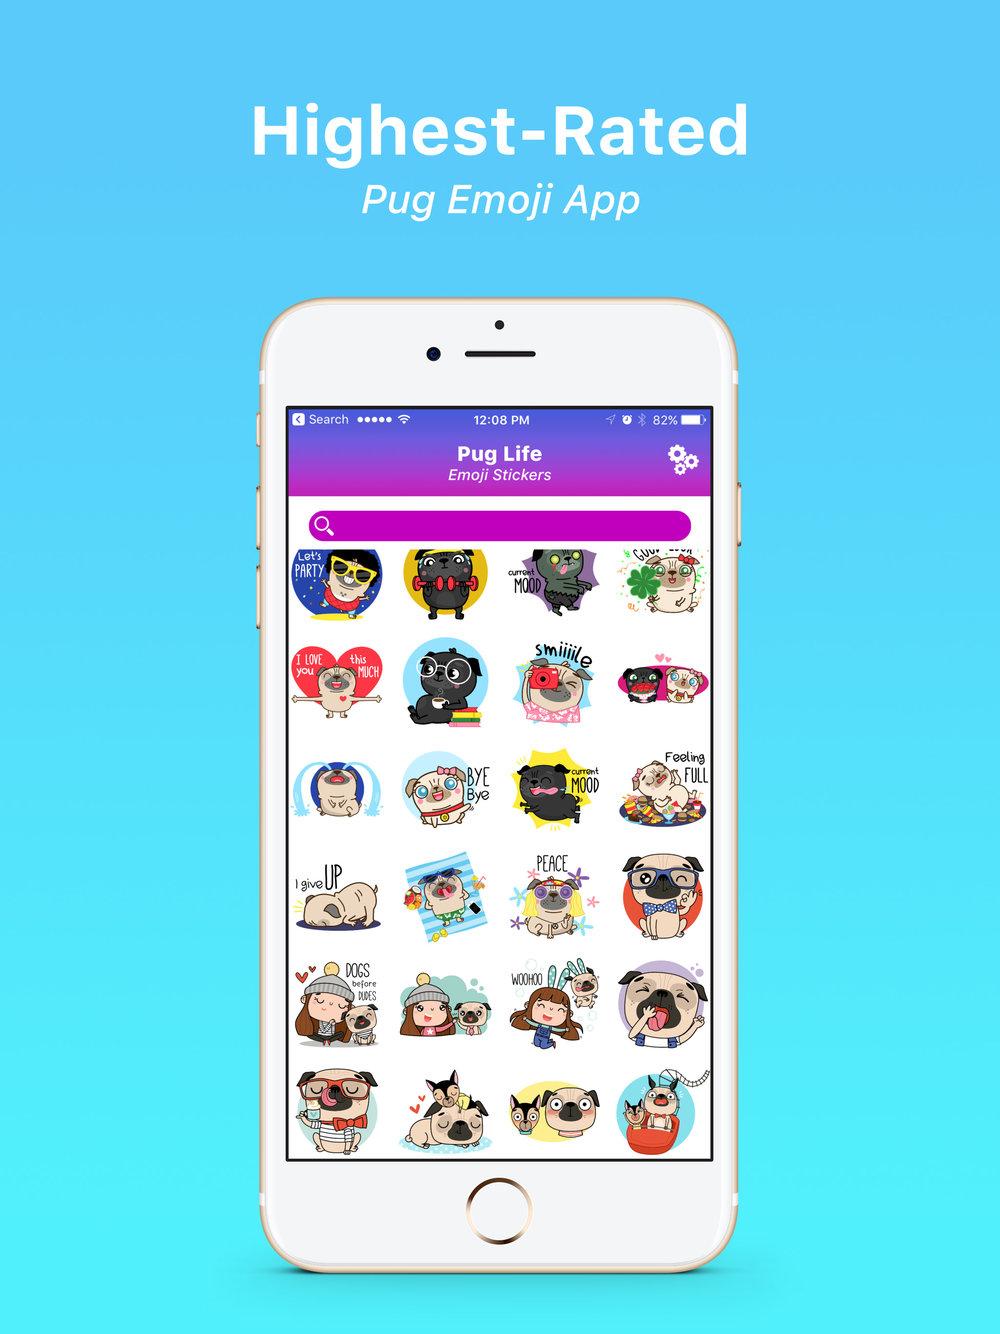 iPad_00004.jpg